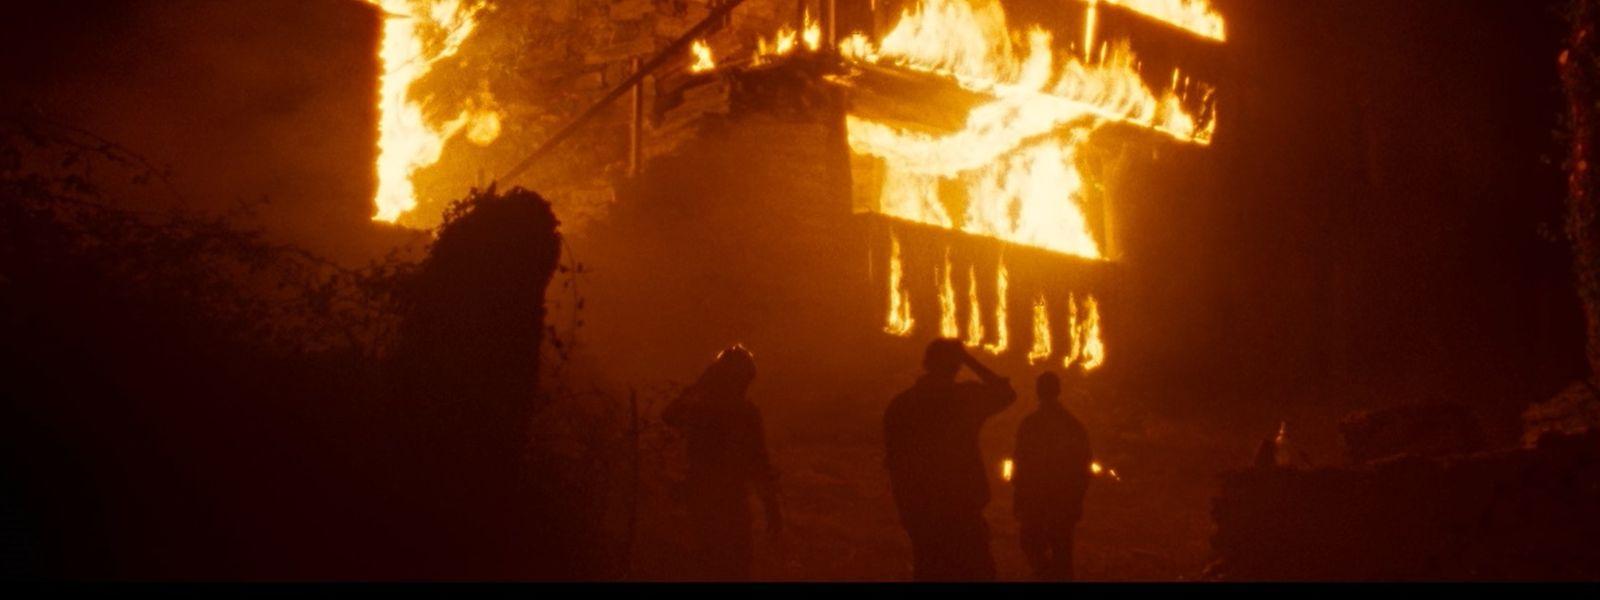 """Der große Brand, der ein Dorf bedroht, spielt in """"Viendra le feu"""" eine wesentliche Rolle in dem Drama."""